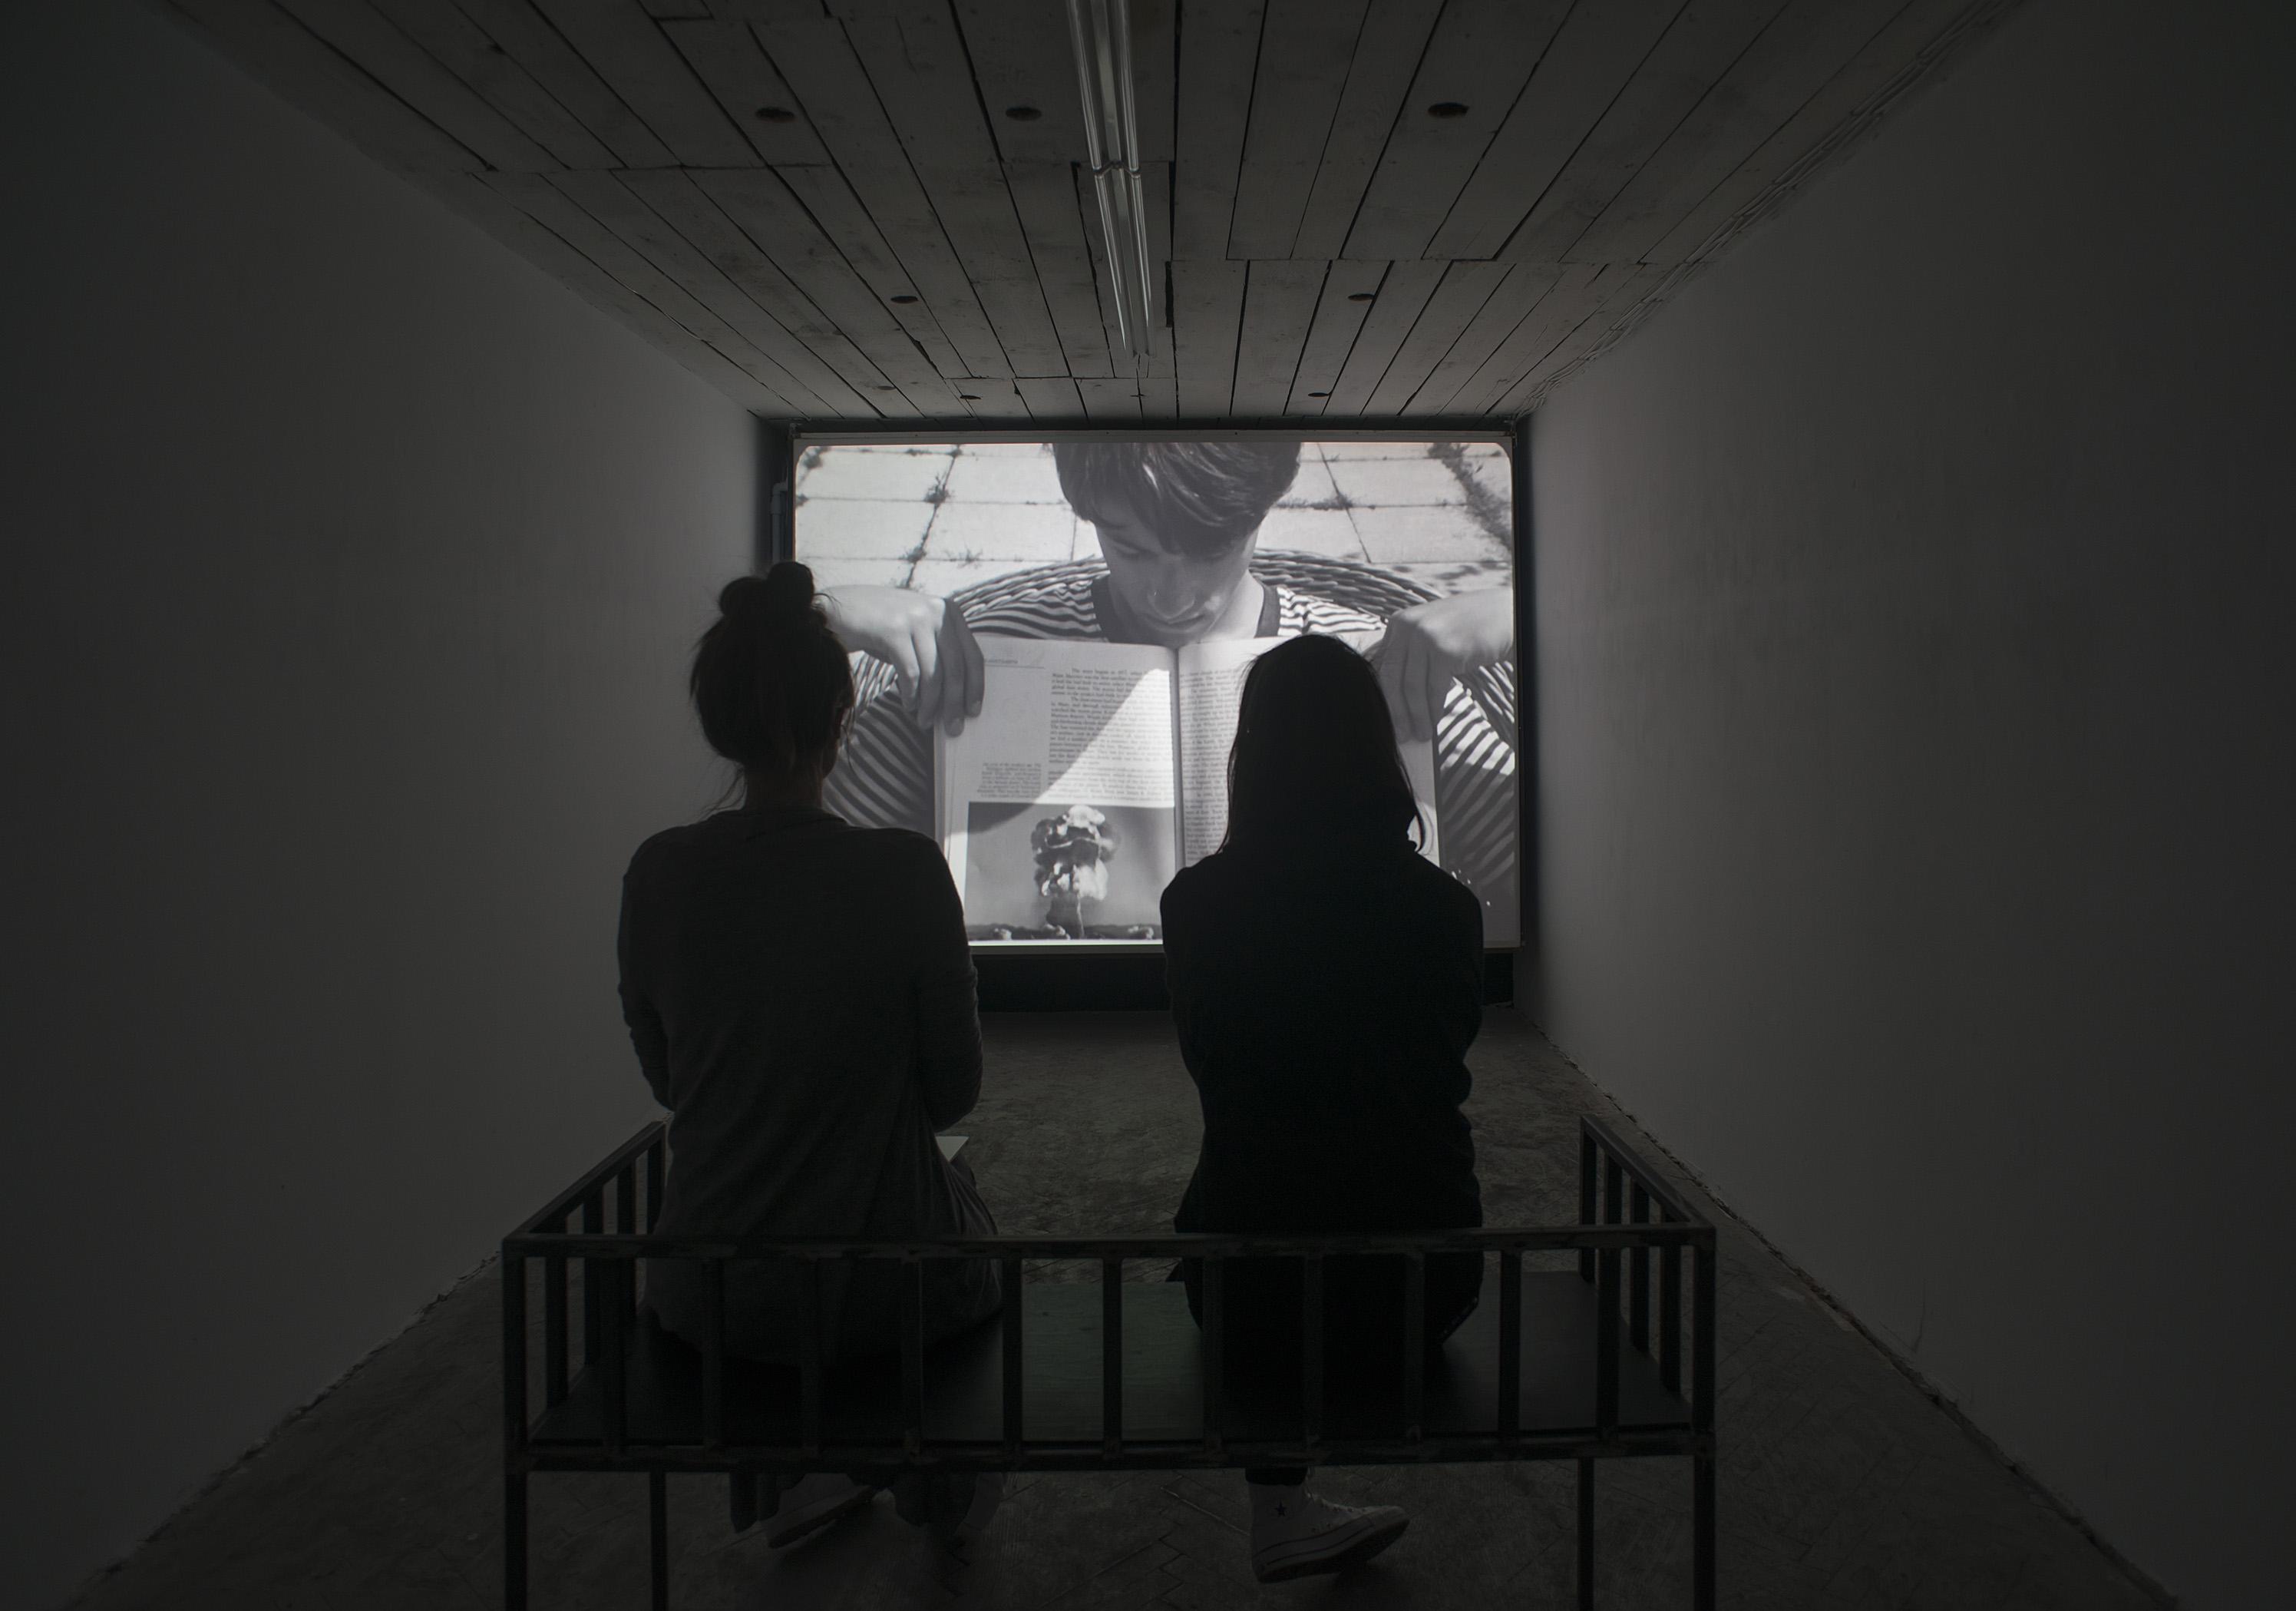 Działania zrodziną,  widok napracę Wilhelma Sasnala, Koreks, 2015